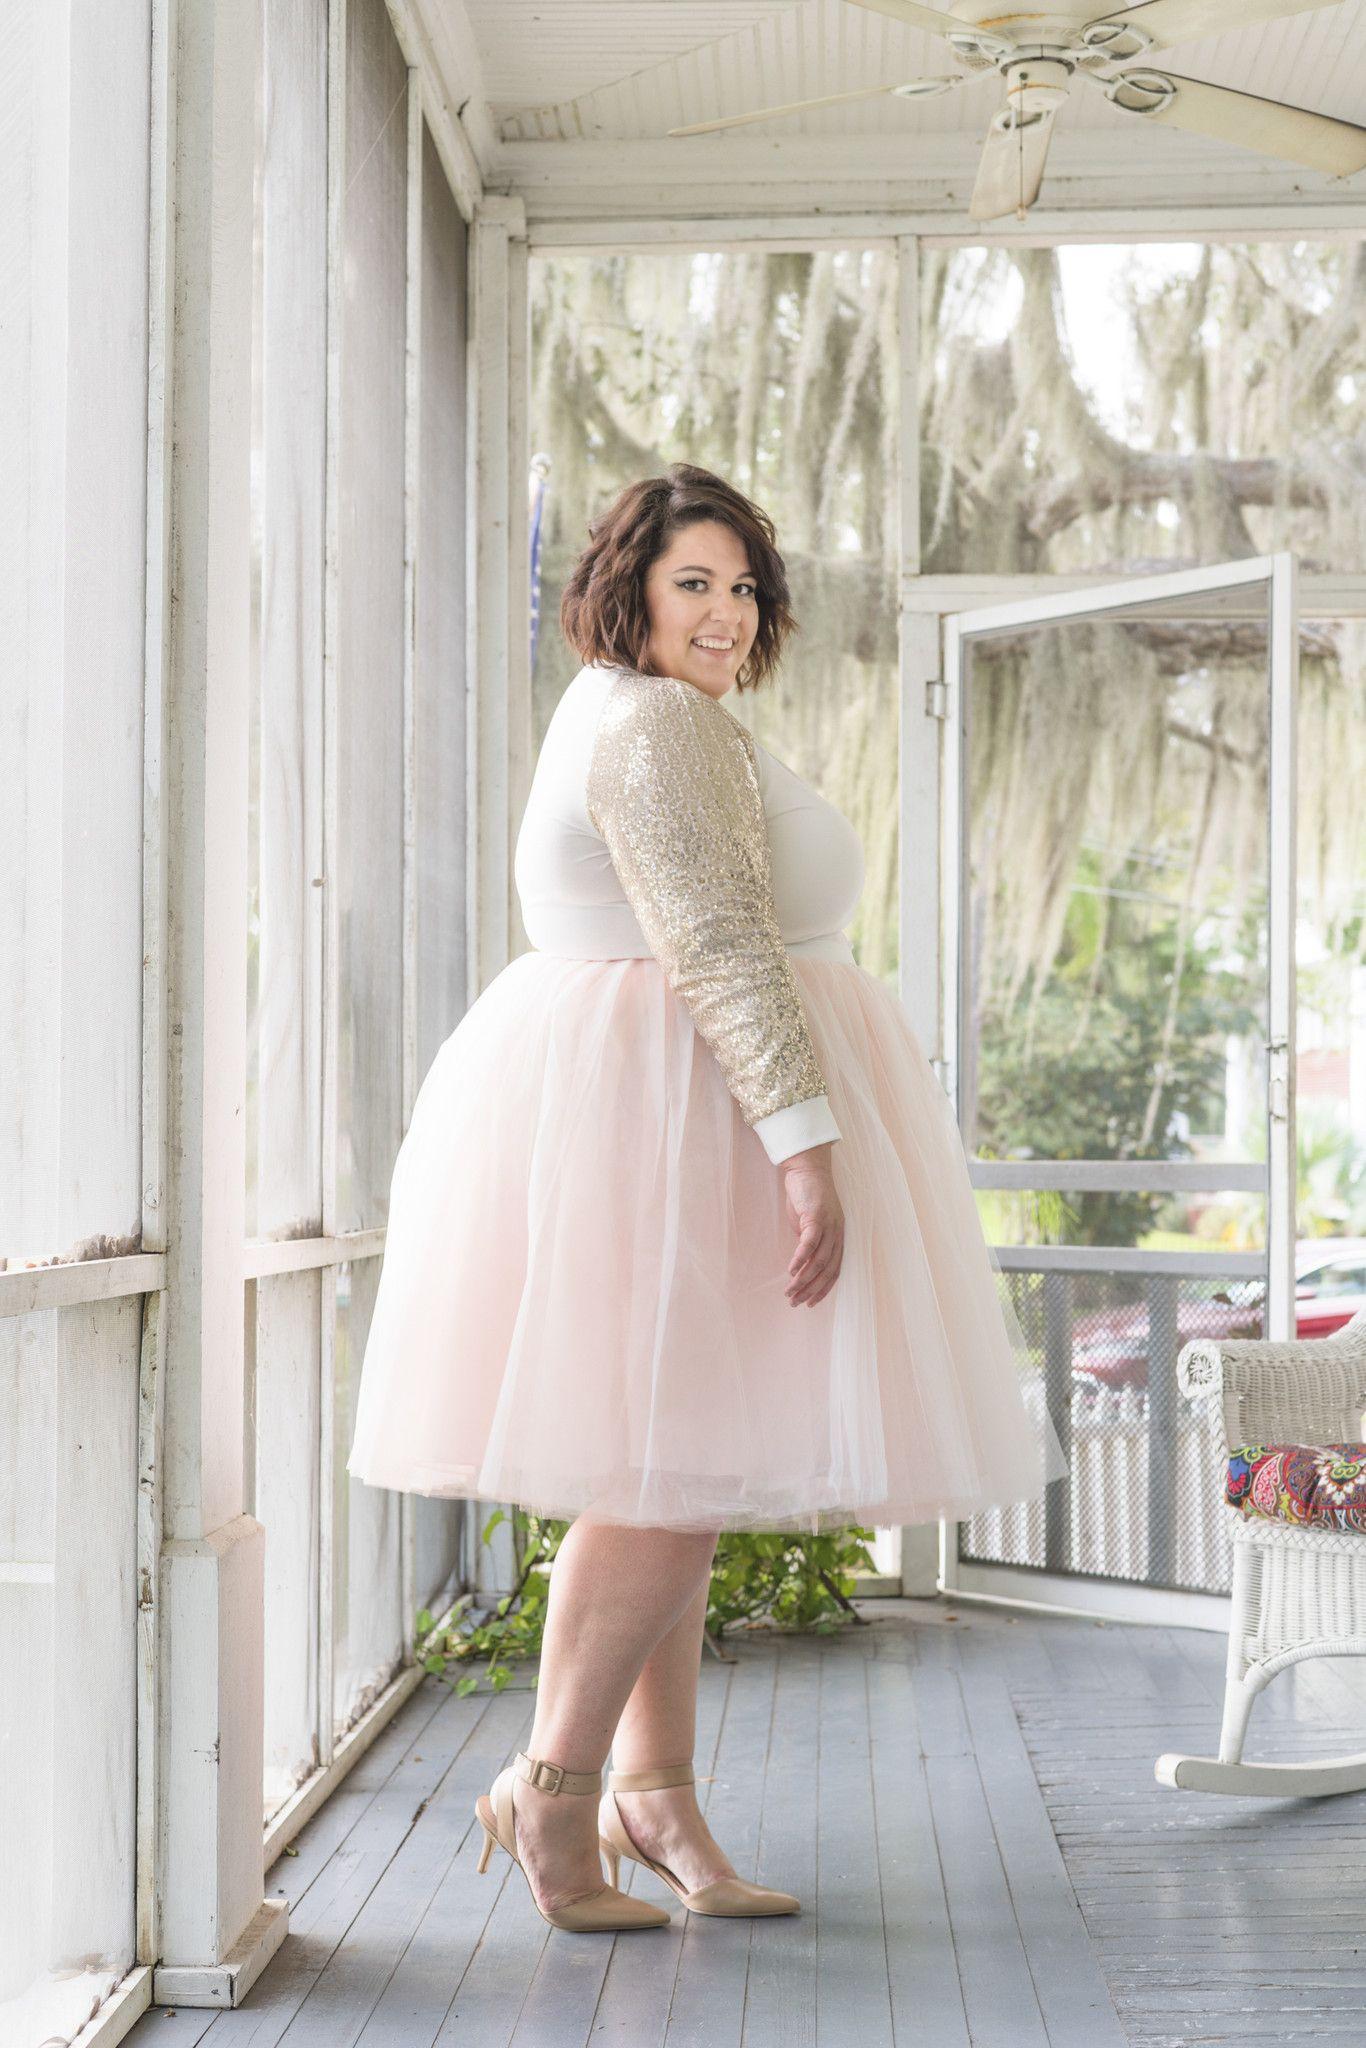 2e7a7021 Plus Size Clothing for Women - Loey Lane Premium Tutu - Blush (Sizes 1X -  6X) - Society+ - Society Plus - Buy Online Now! - 2